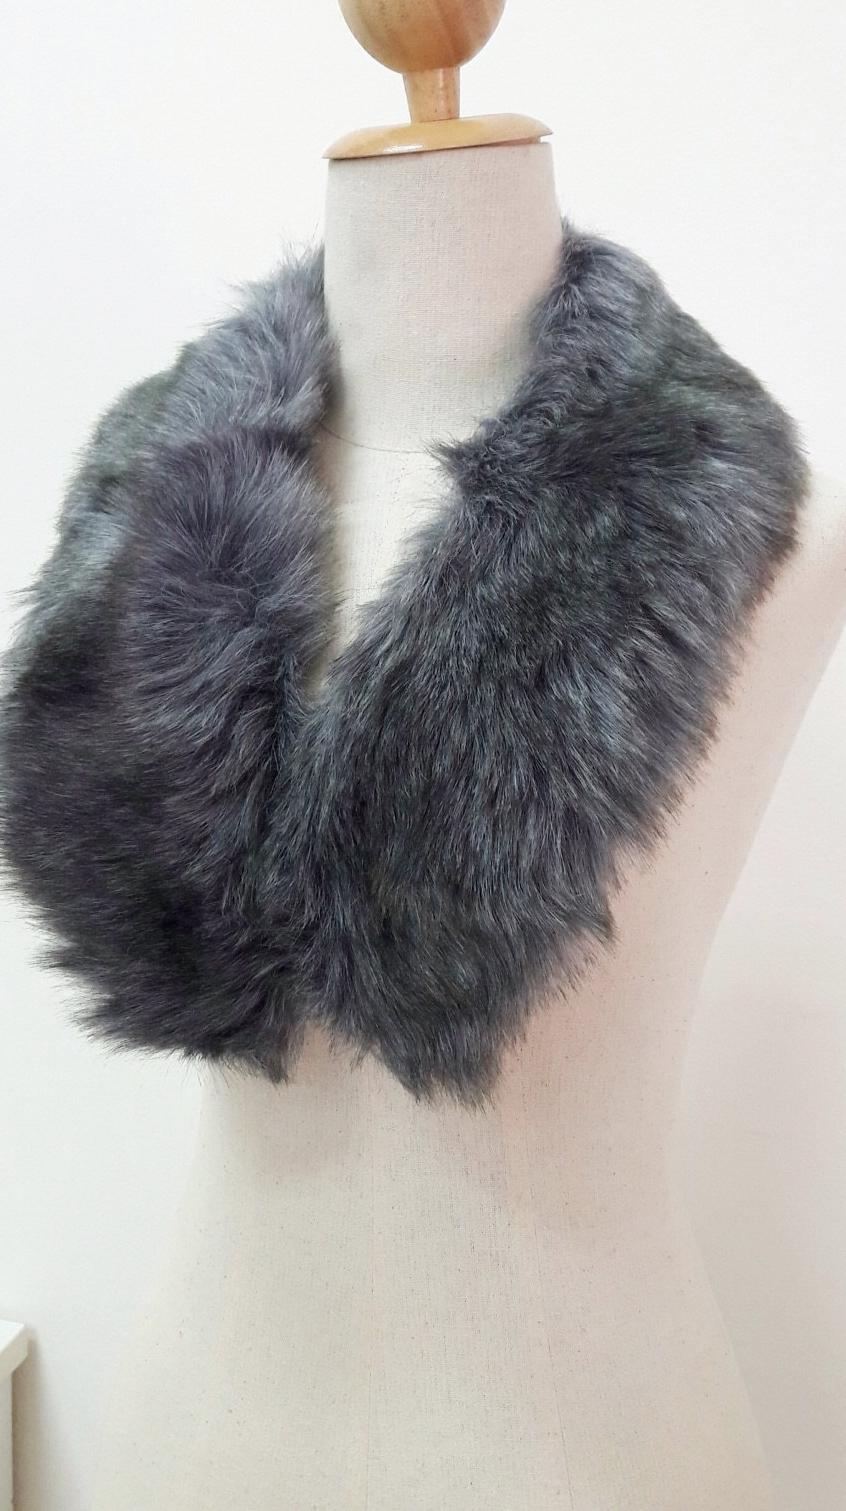 ขนเฟอร์ fur สีเทา ขนนุ่มลื่น ใช้ติดเสื้อหนาว หรือใช้พันคอเพิ่มความเก๋ มิกได้กับทุกชุด มาพร้อมกระดุมใส